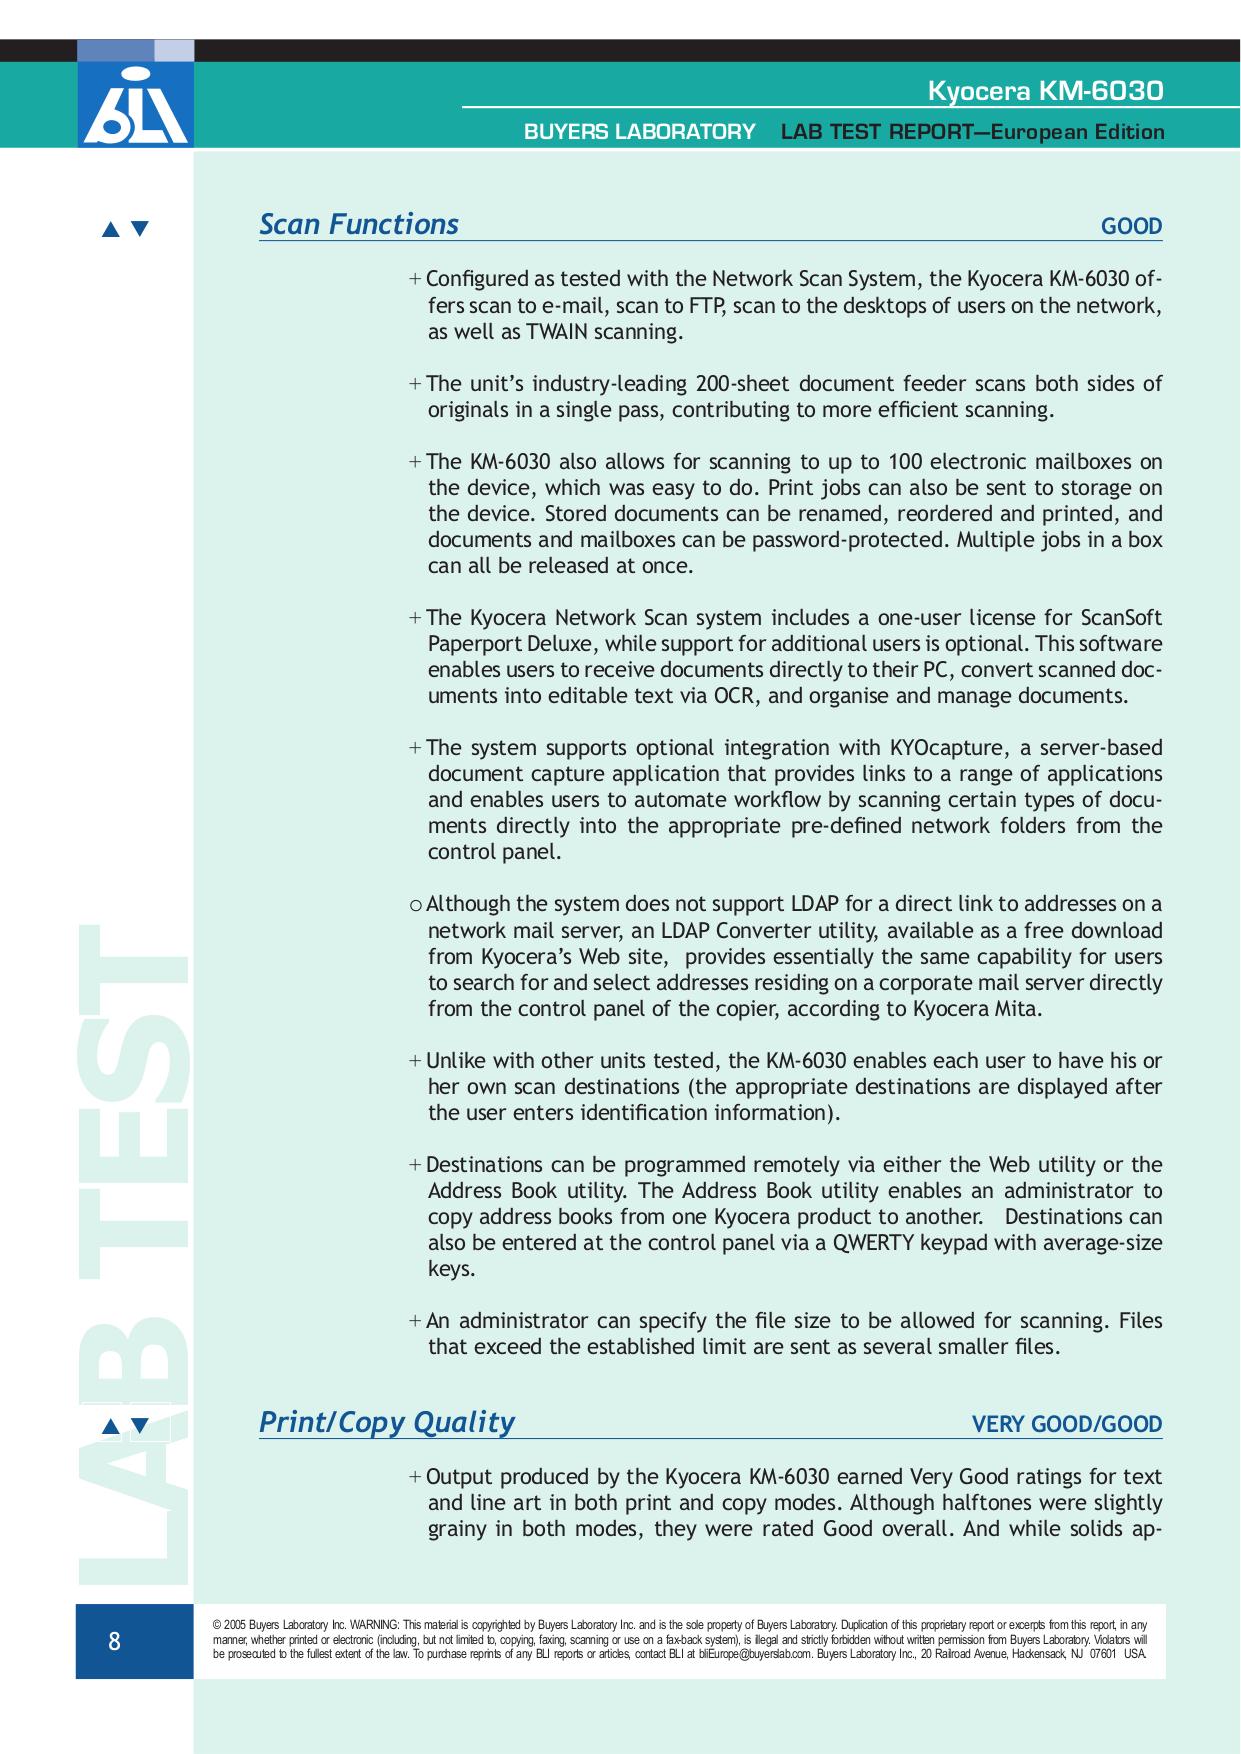 PDF manual for Kyocera Multifunction Printer KM-6030